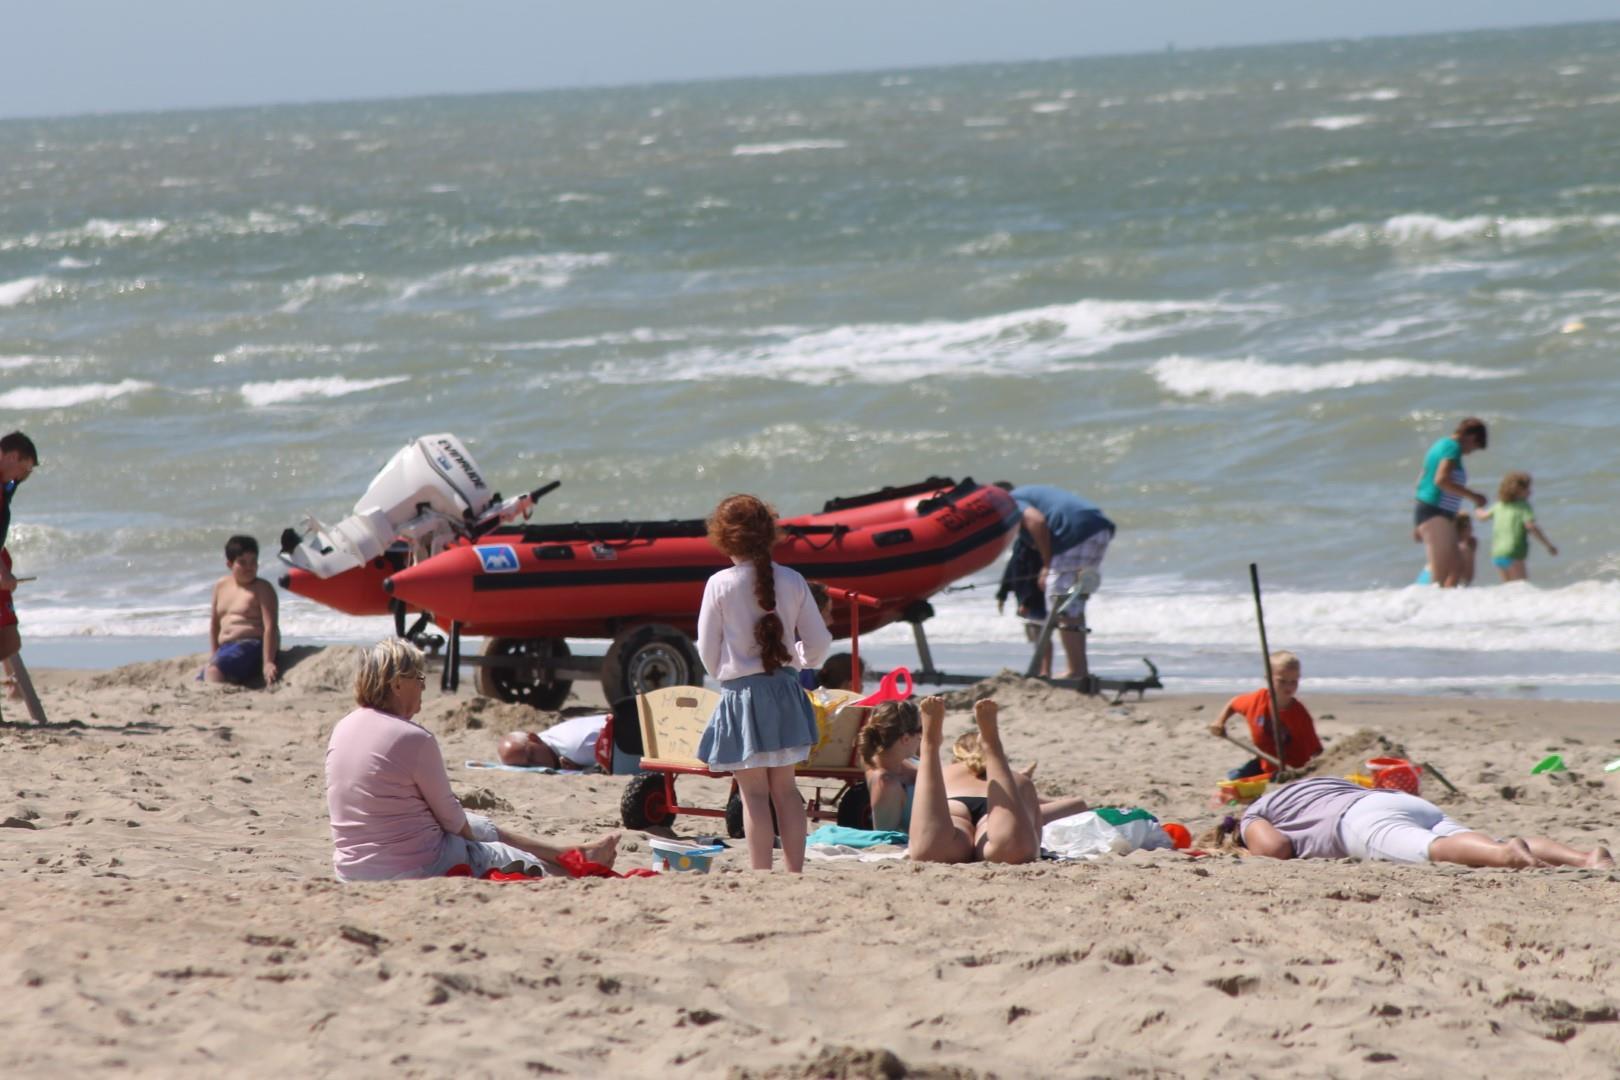 tramhalte-campings-bredene-en-strand-2-006-groot.JPG